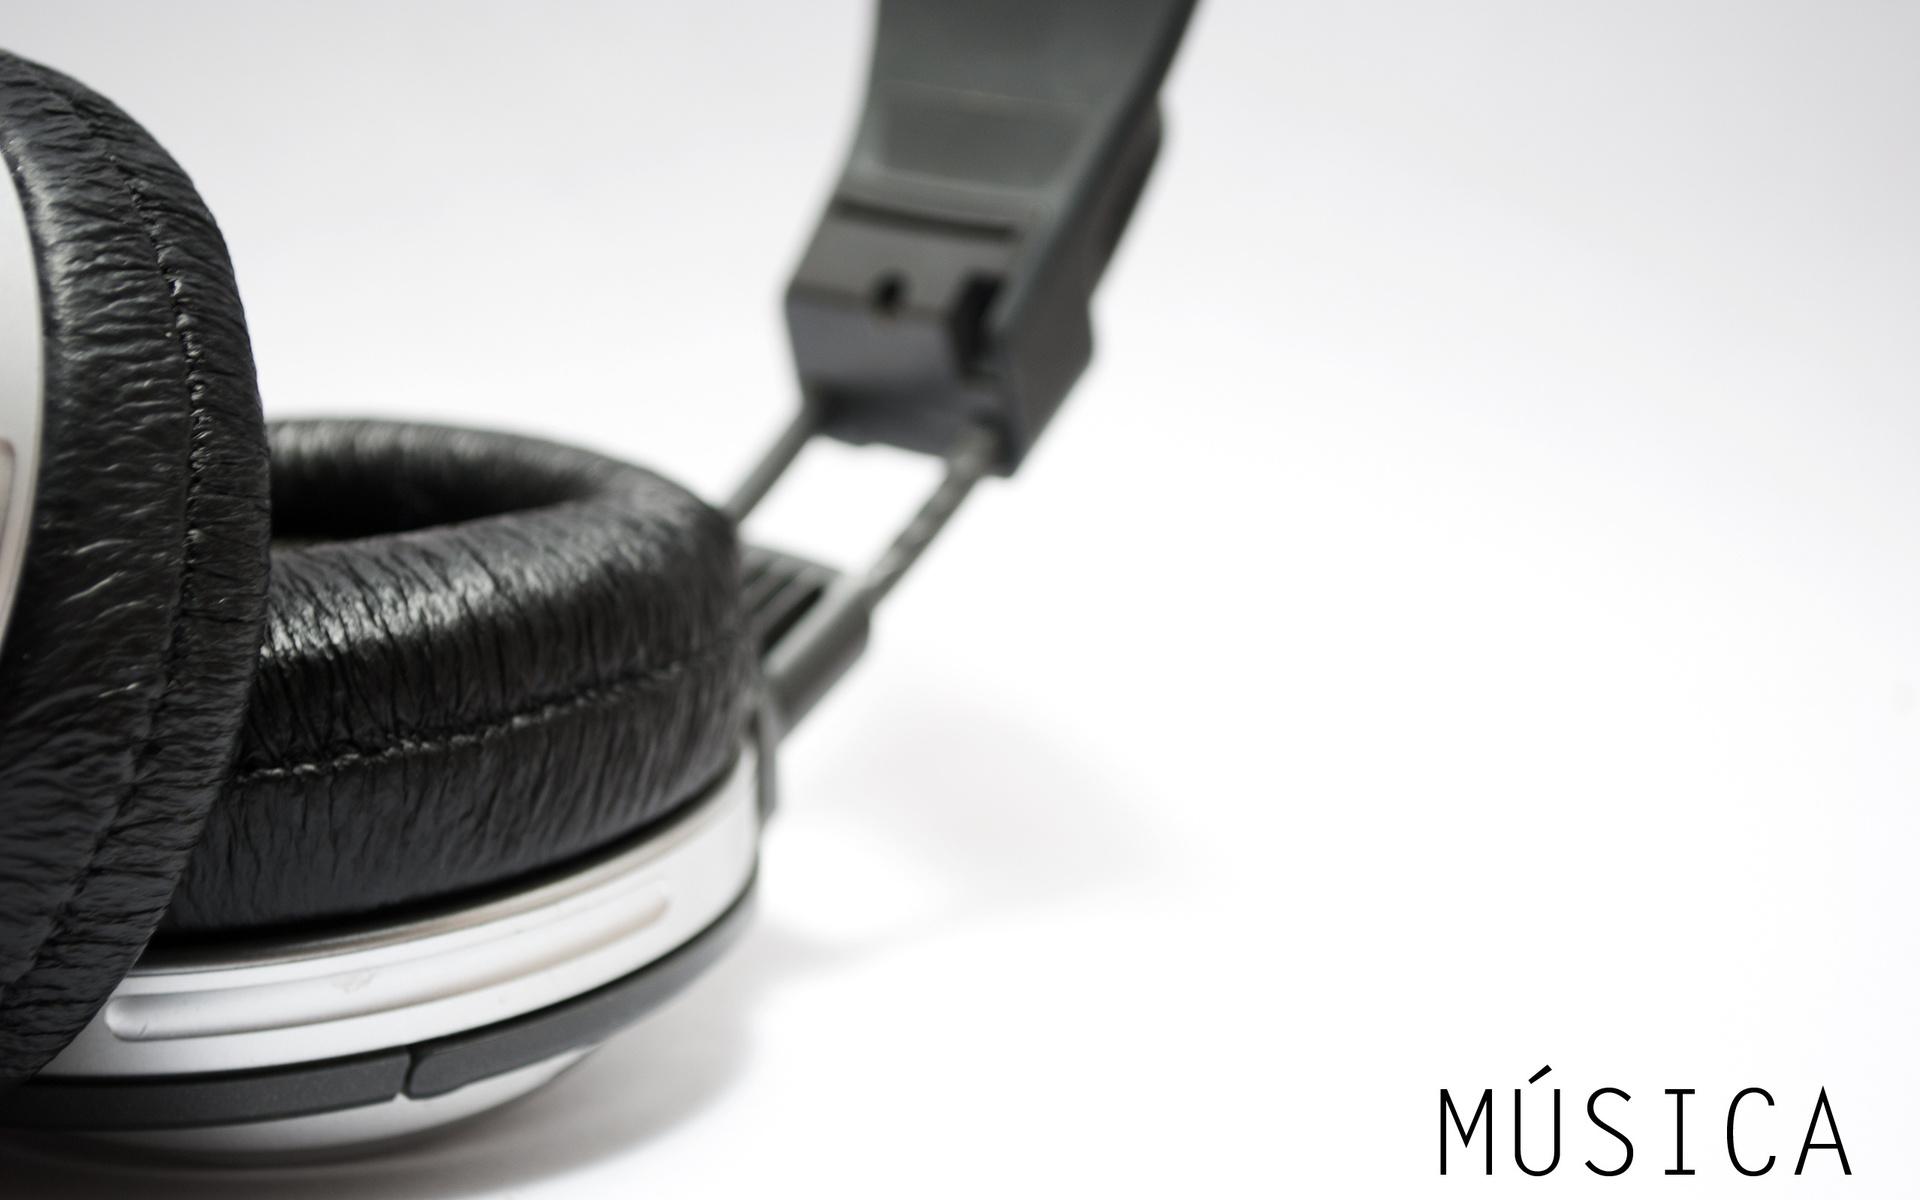 2557x1712, headphones, наушники, музыка, music, macro, Sony mdr xd100, макро